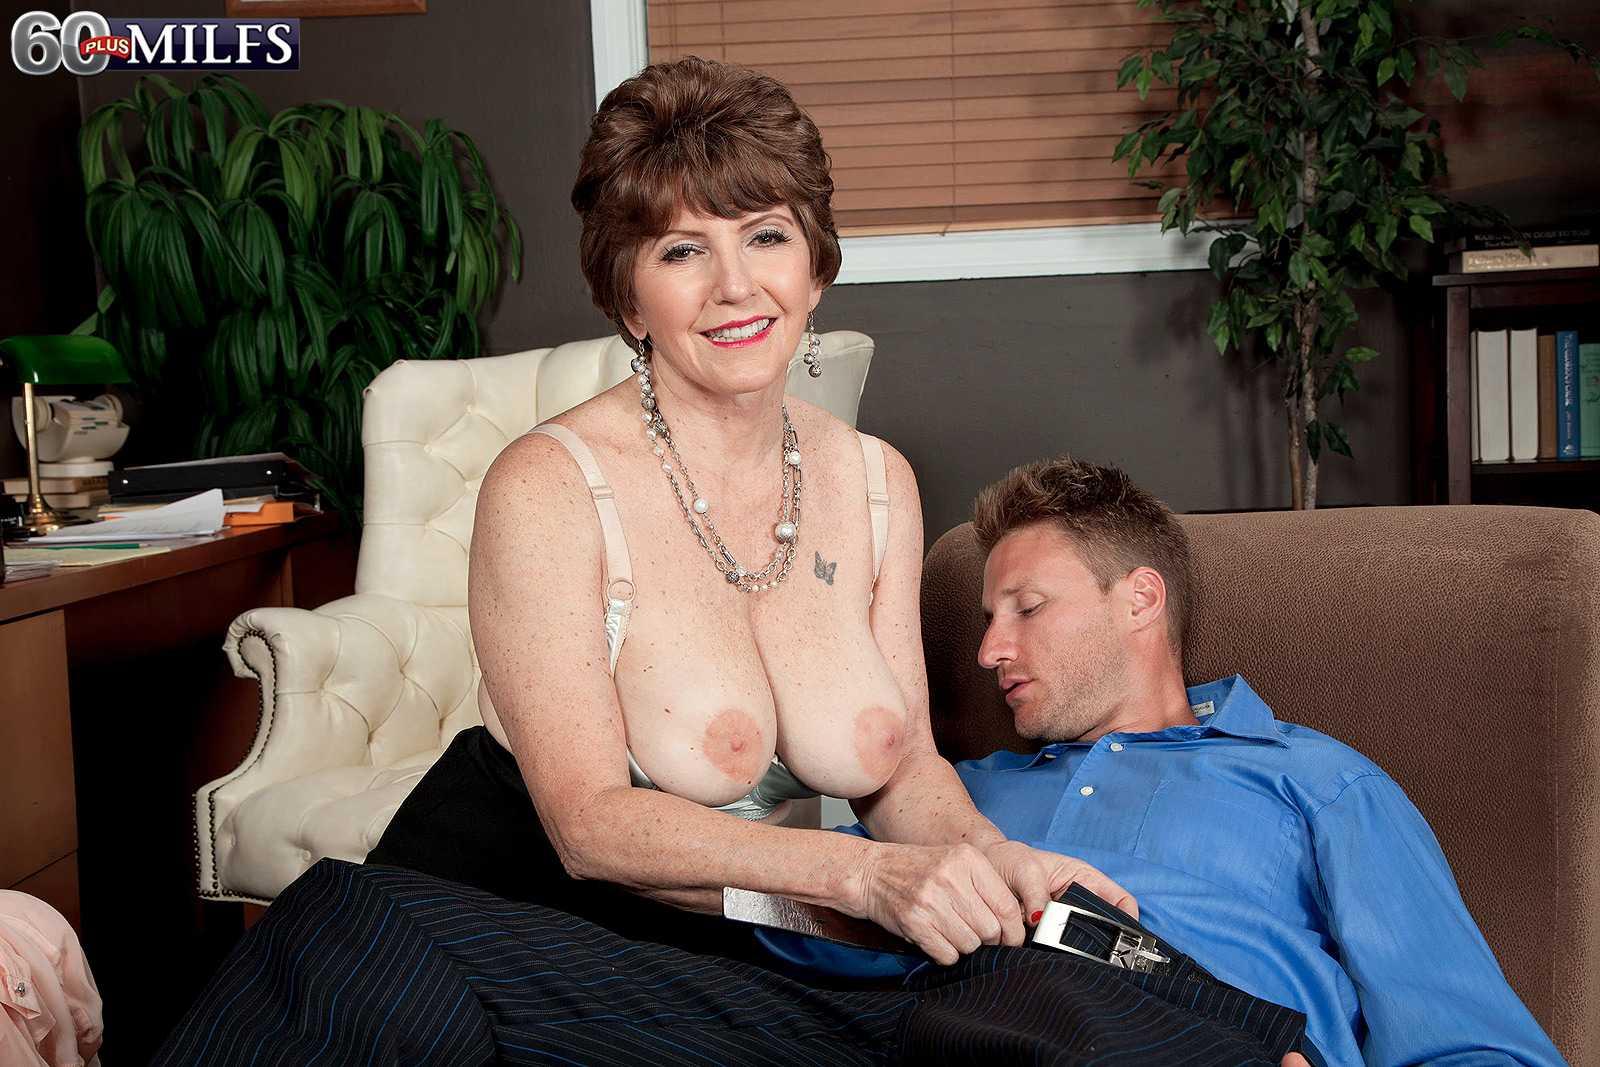 Sixty + MILF Bea Cummins Gets Her Ass Filled With Schlong